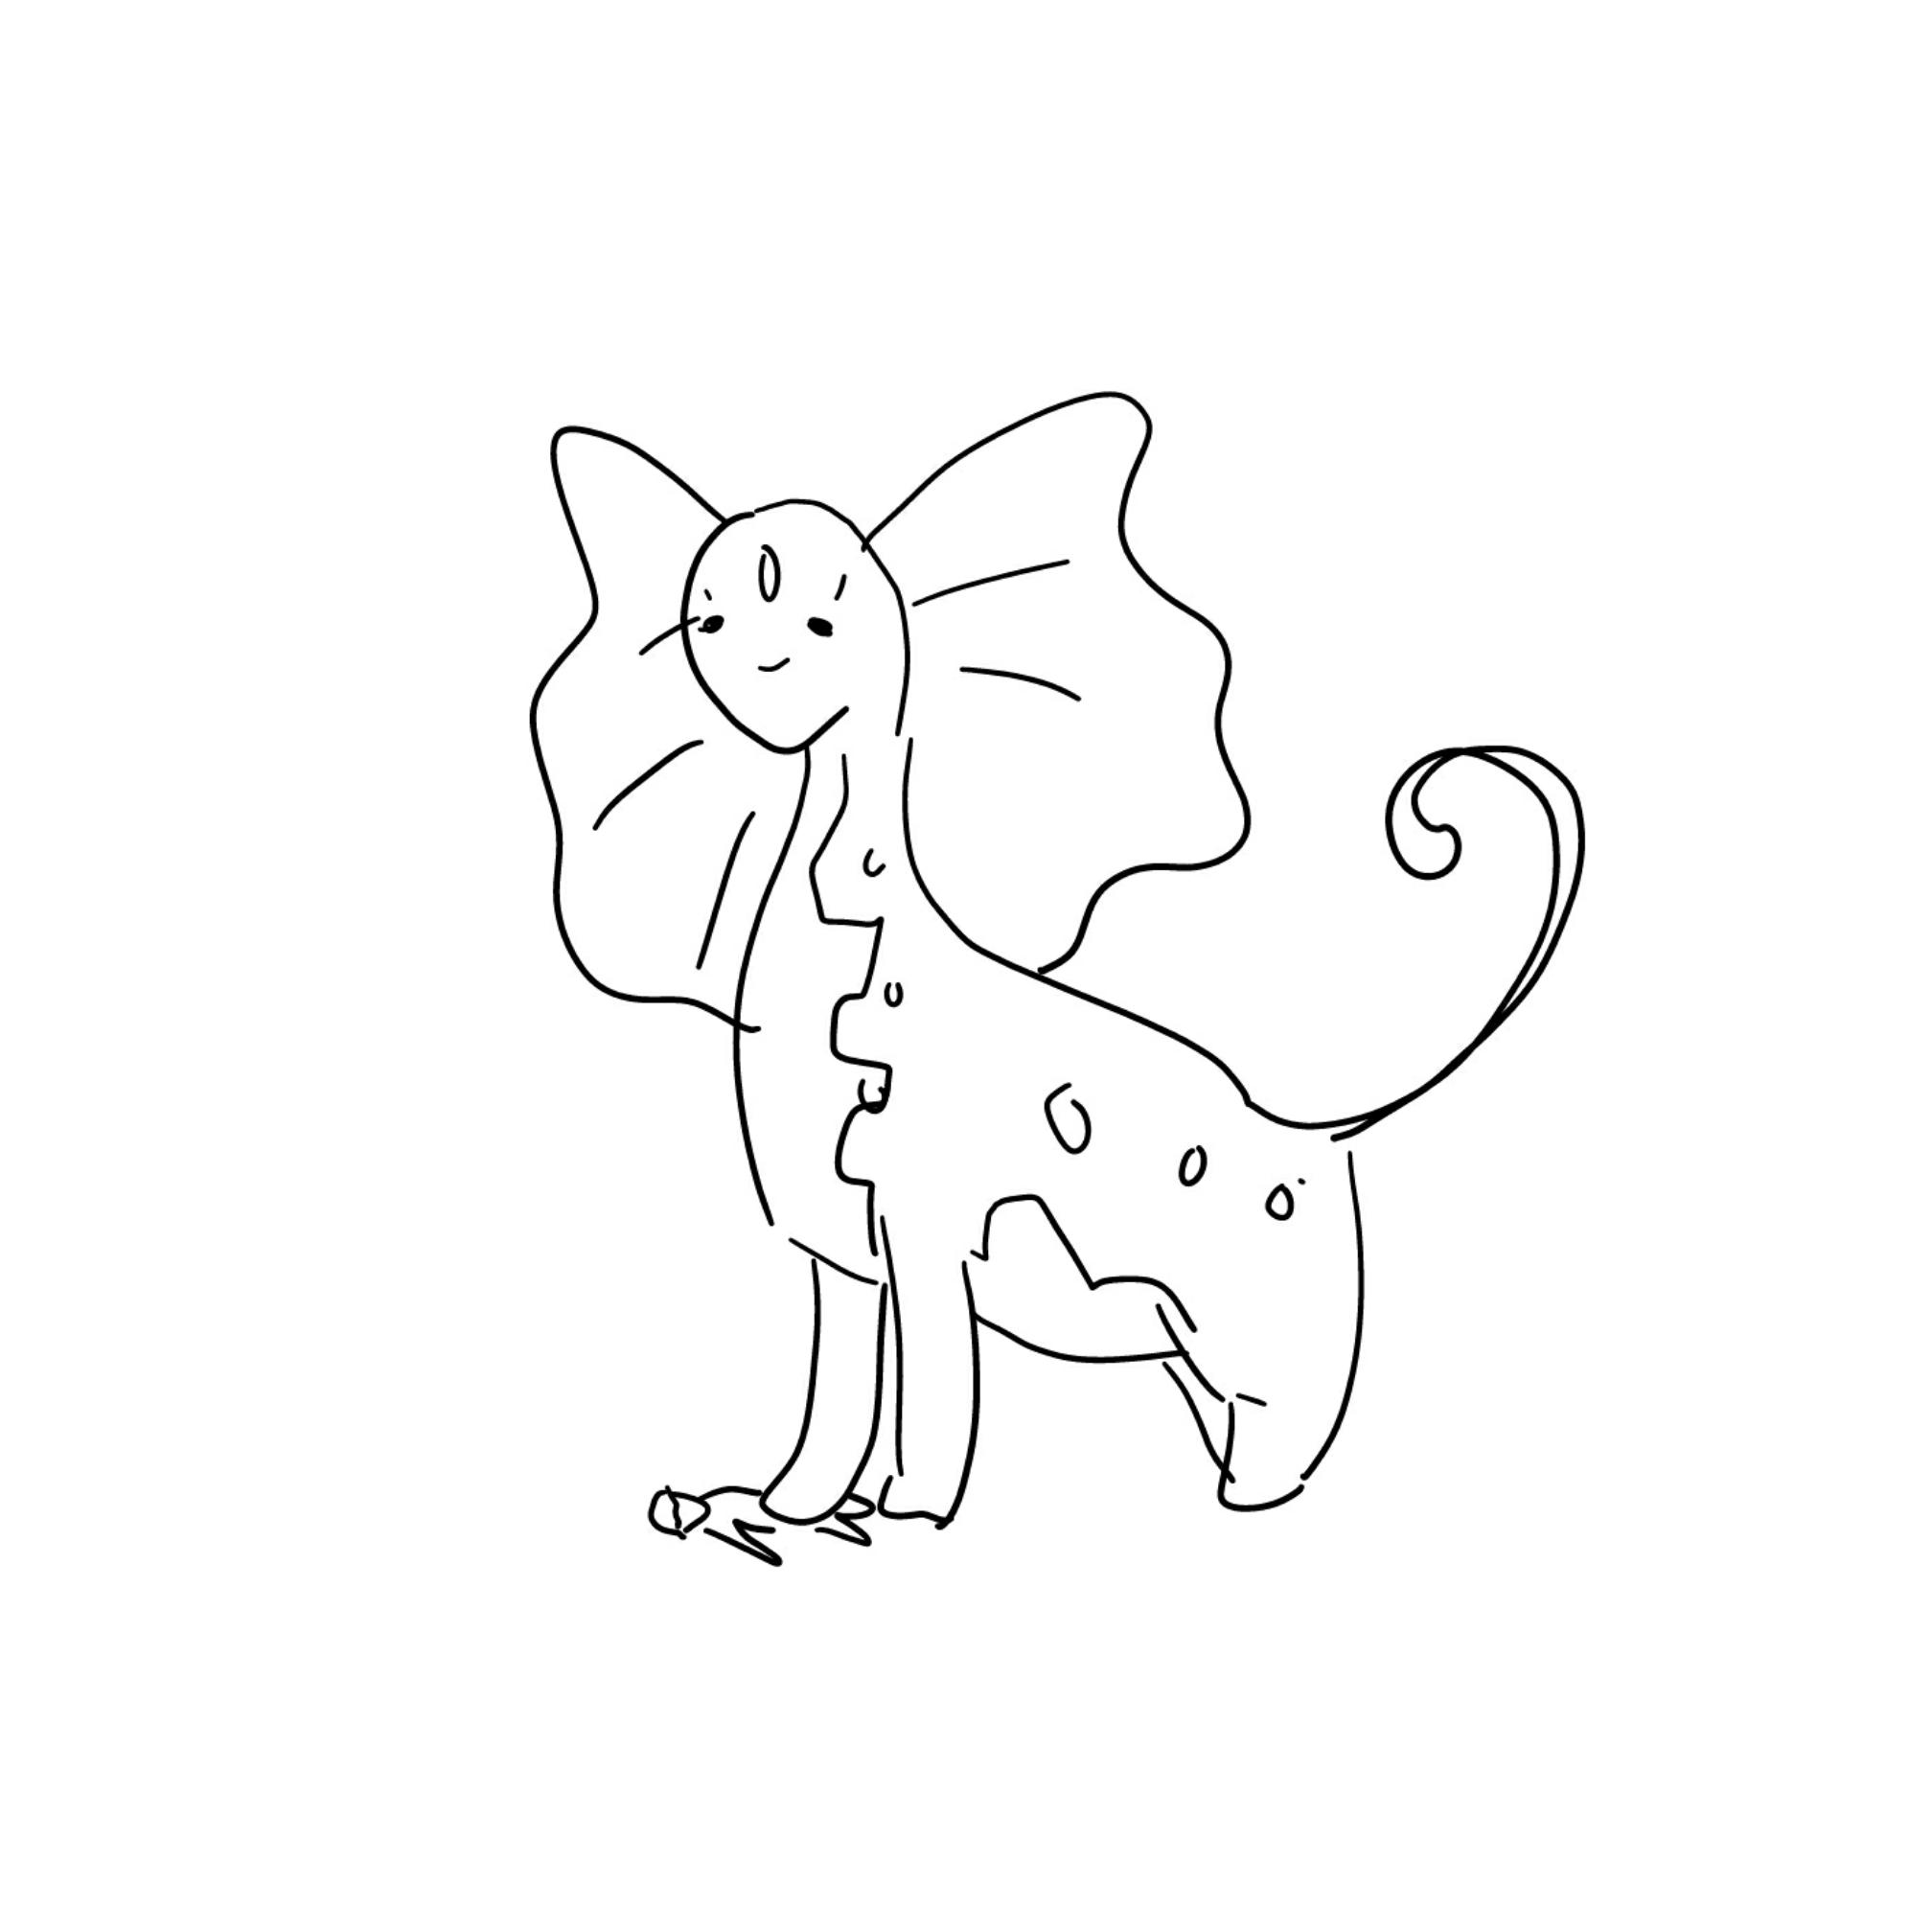 アマルルガ - ポケモン育成wiki